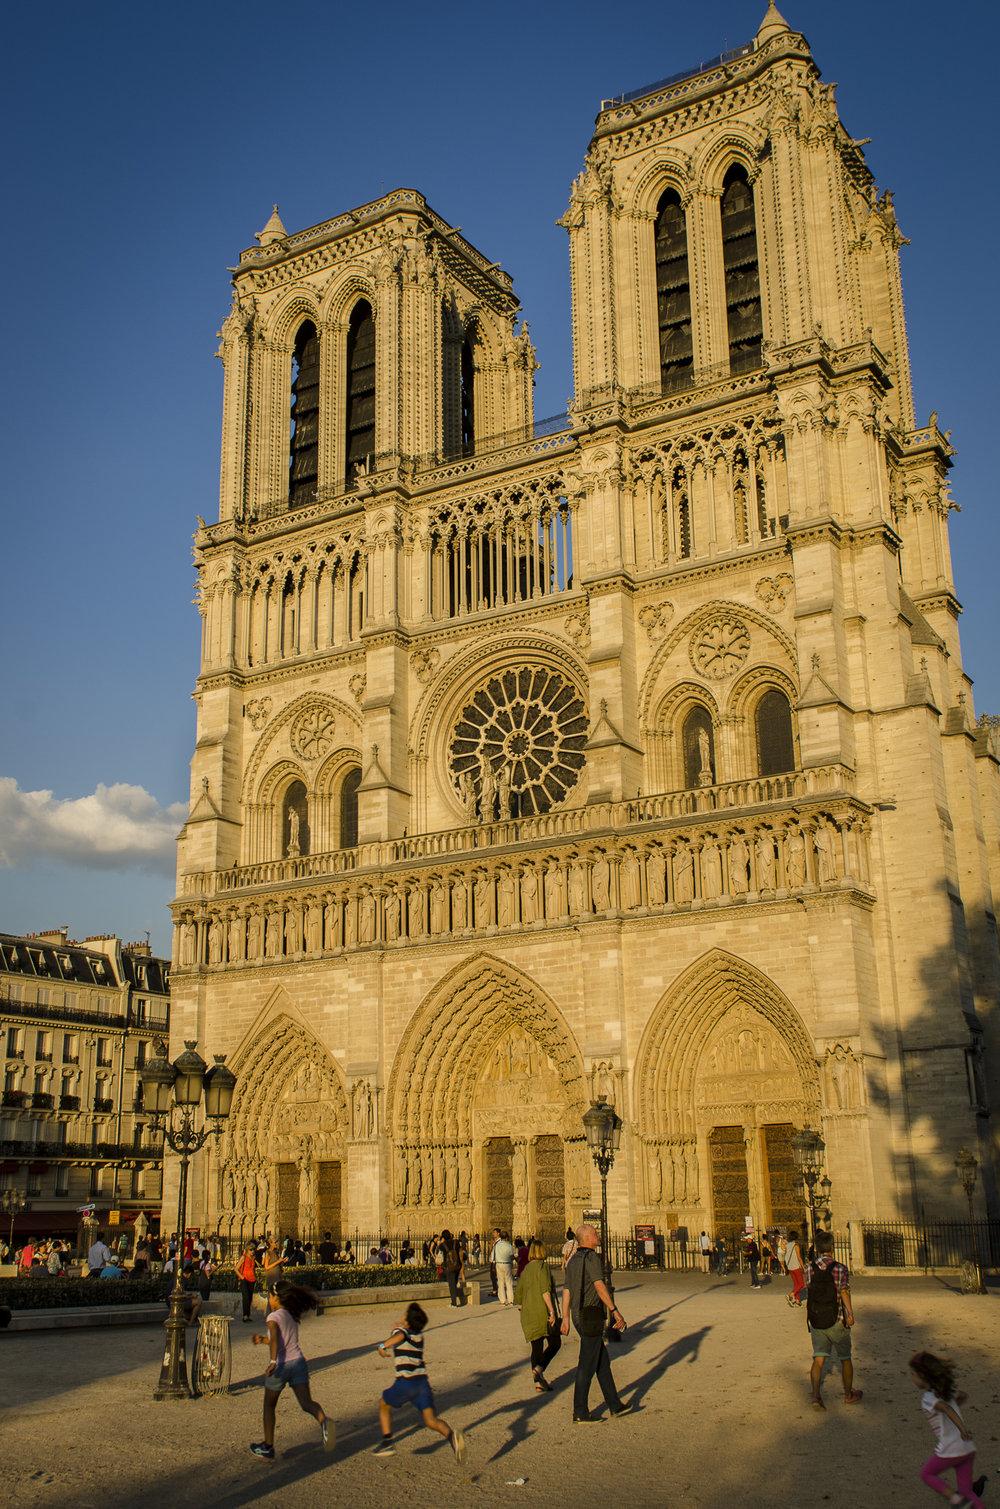 Parvis Notre Dame - Place Jean-Paul II  PHOTOGRAPHY : ALEXANDER J.E. BRADLEY •Nikon D7000 • AF-S NIKKOR 24-70mm F/2.8G ED •24MM • F/8 •1/125 •ISO 100